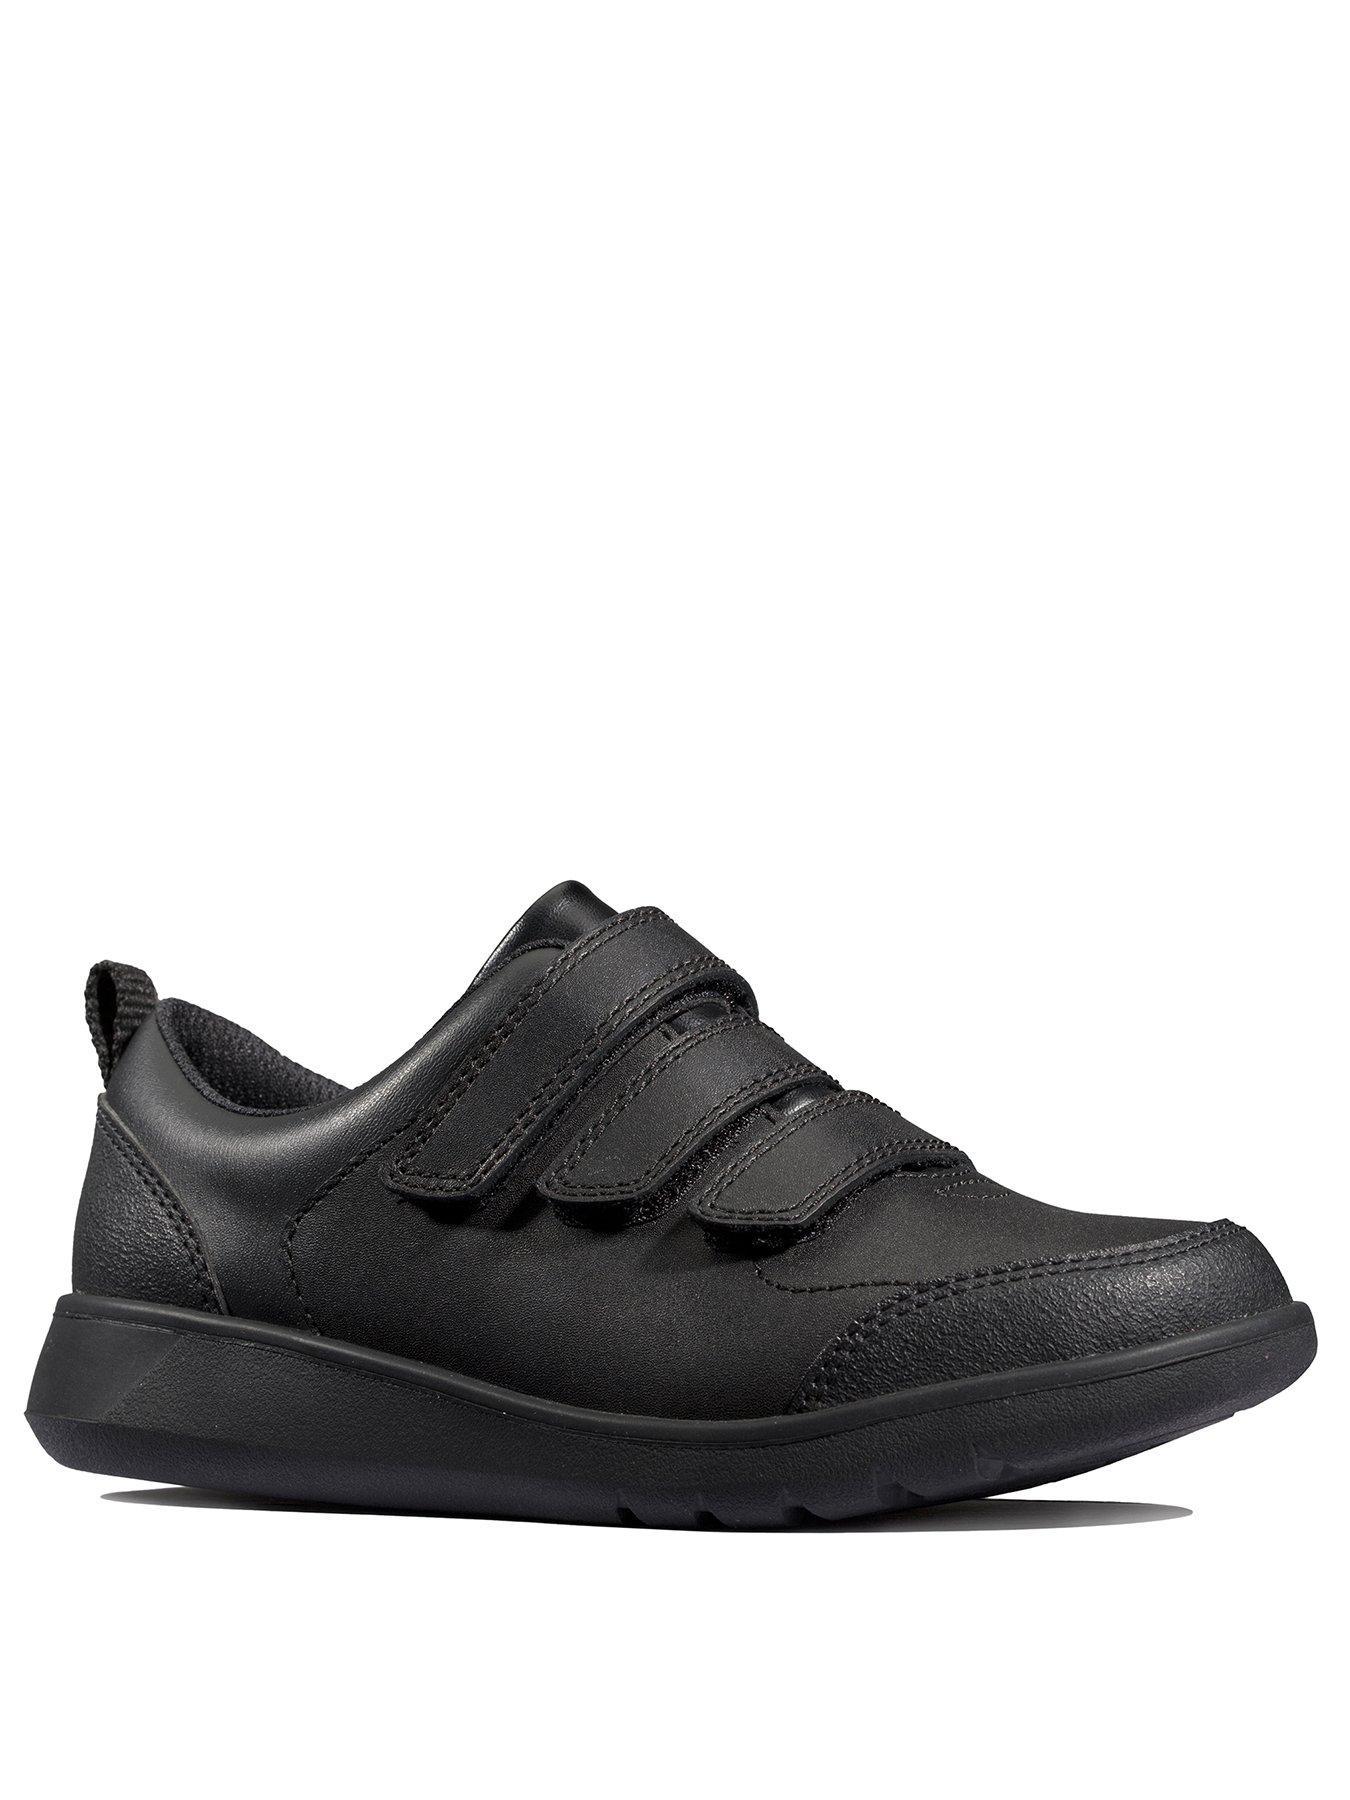 Clarks   Shoes   Shoes \u0026 boots